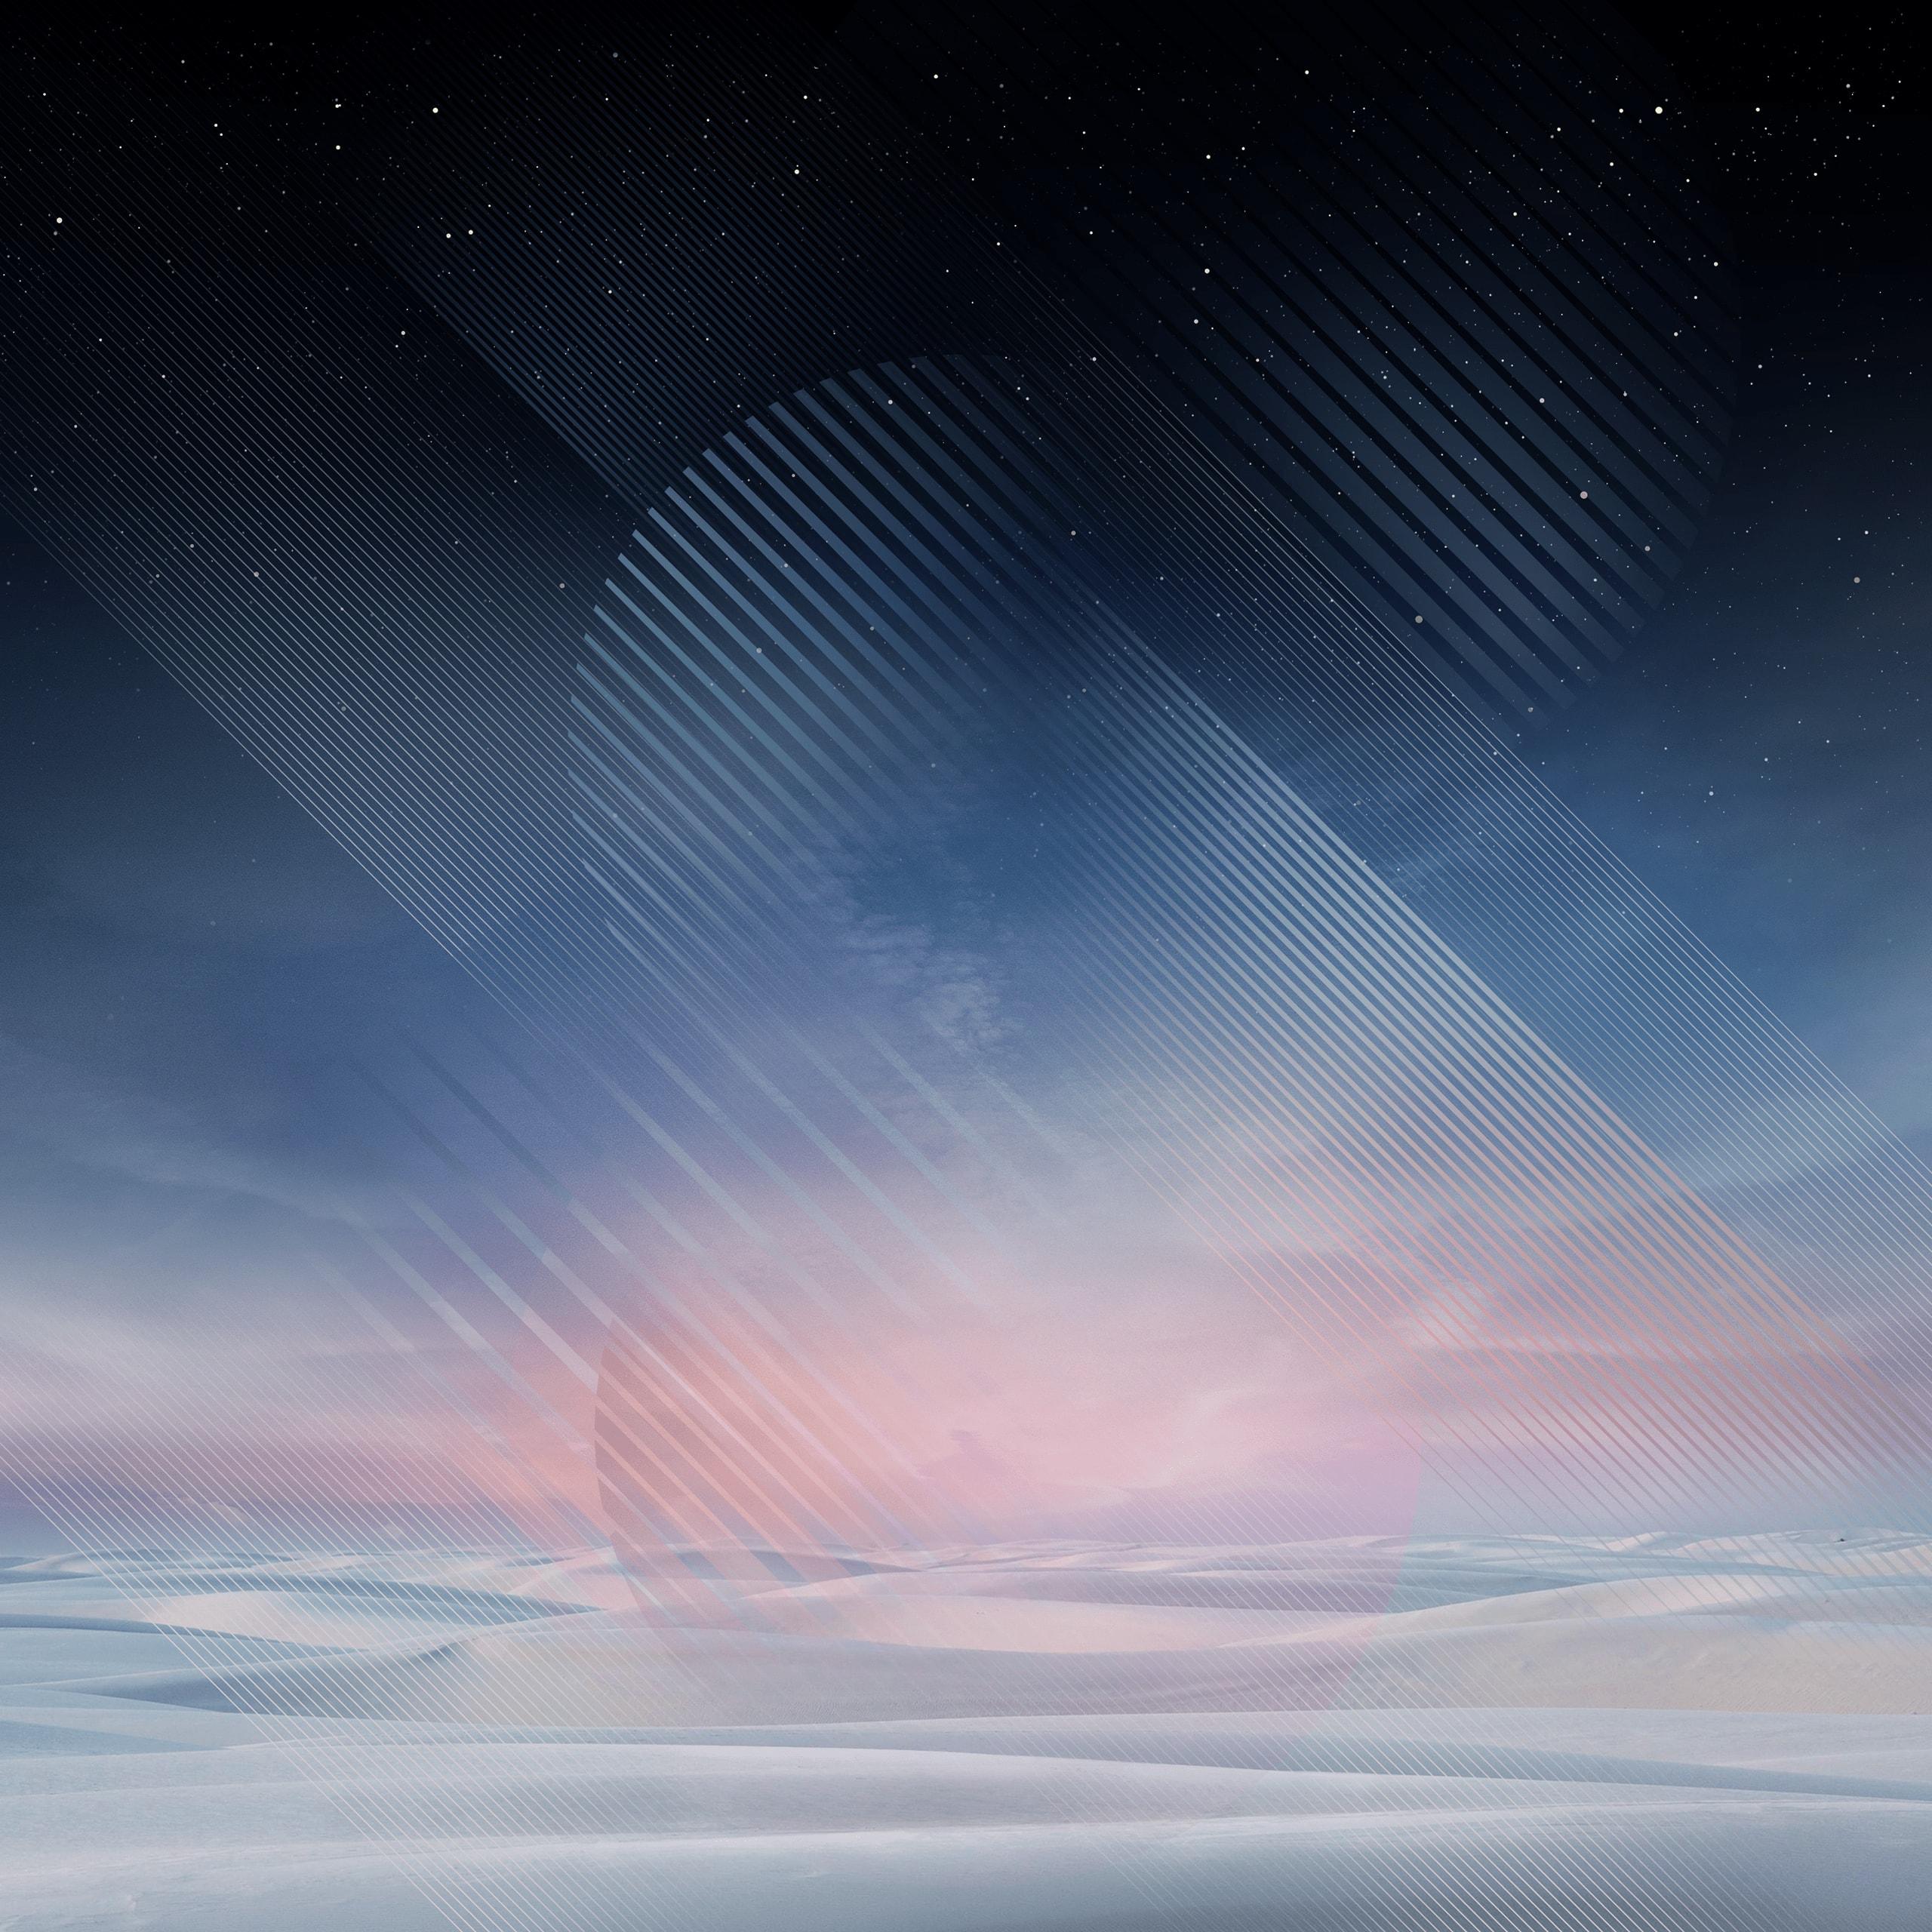 تحميل الخلفيات الرسمية 12 خلفية لـ Samsung Galaxy Note 8